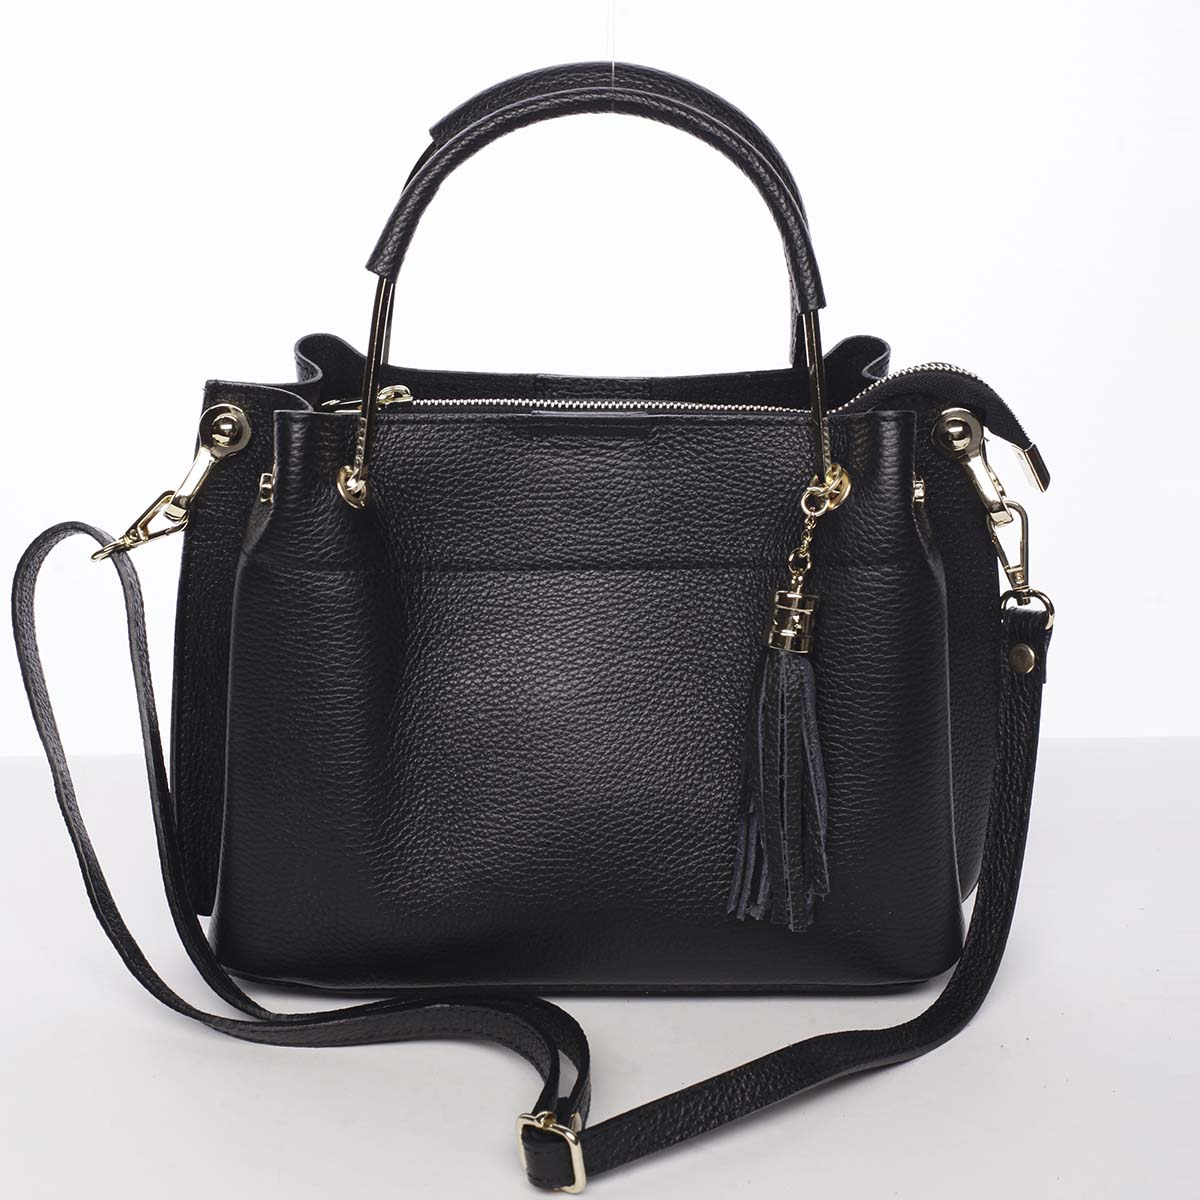 Exkluzivní dámská kožená kabelka černá - ItalY Maarj